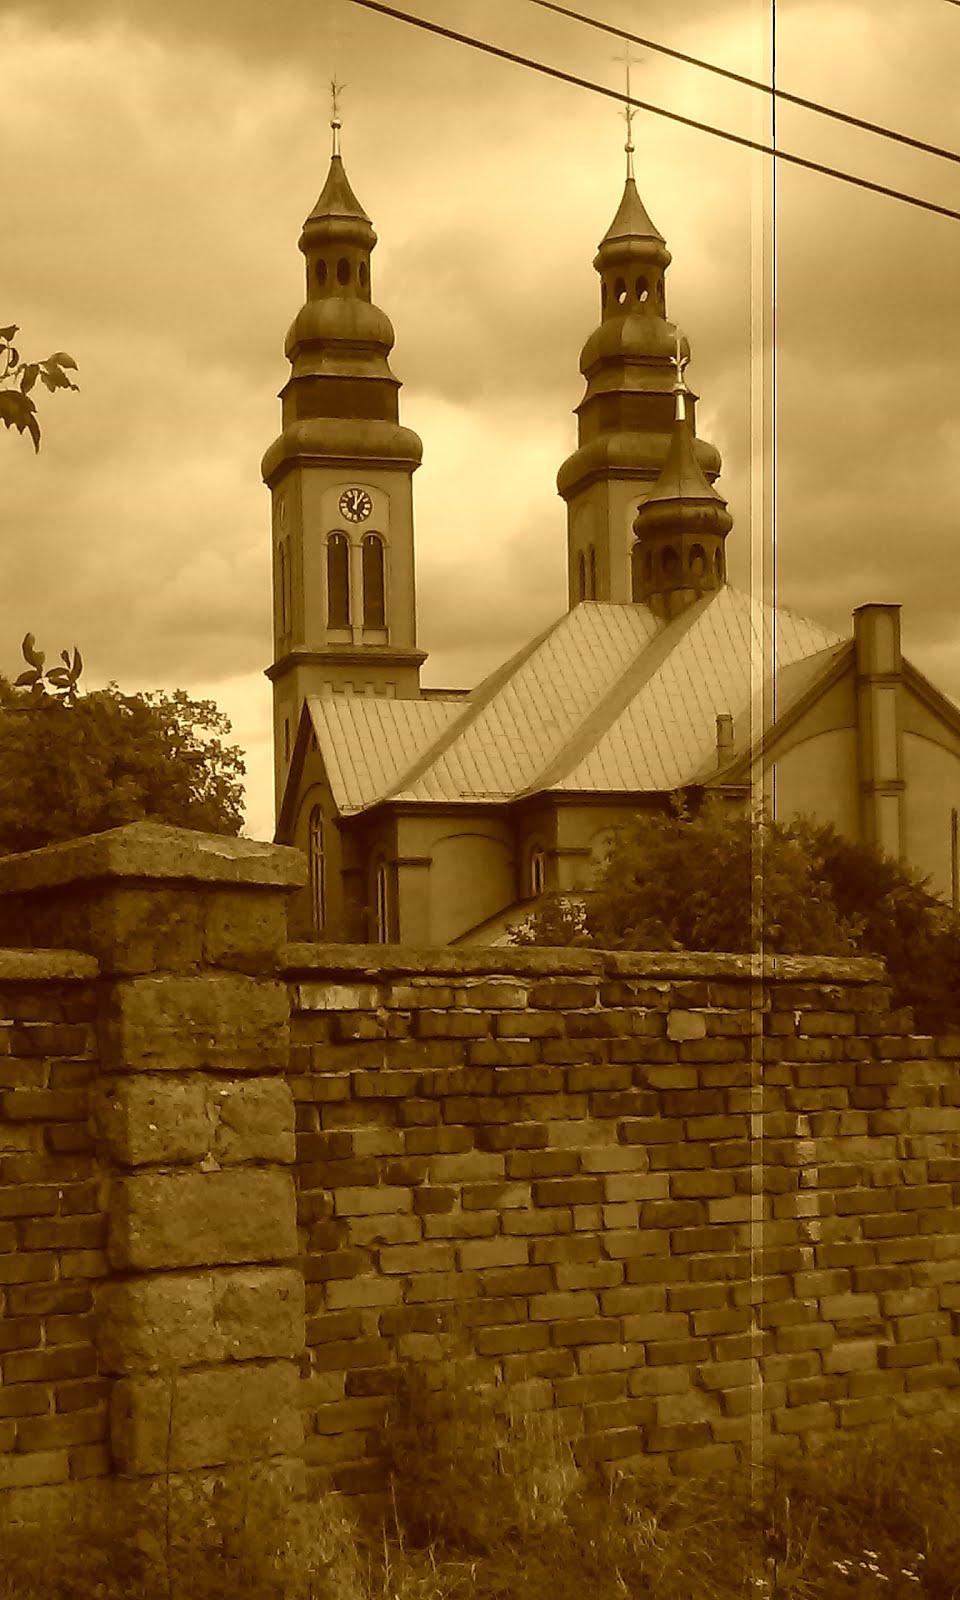 Parafia Wniebowzięcia Najświętszej Maryi Panny w Biertułtowach